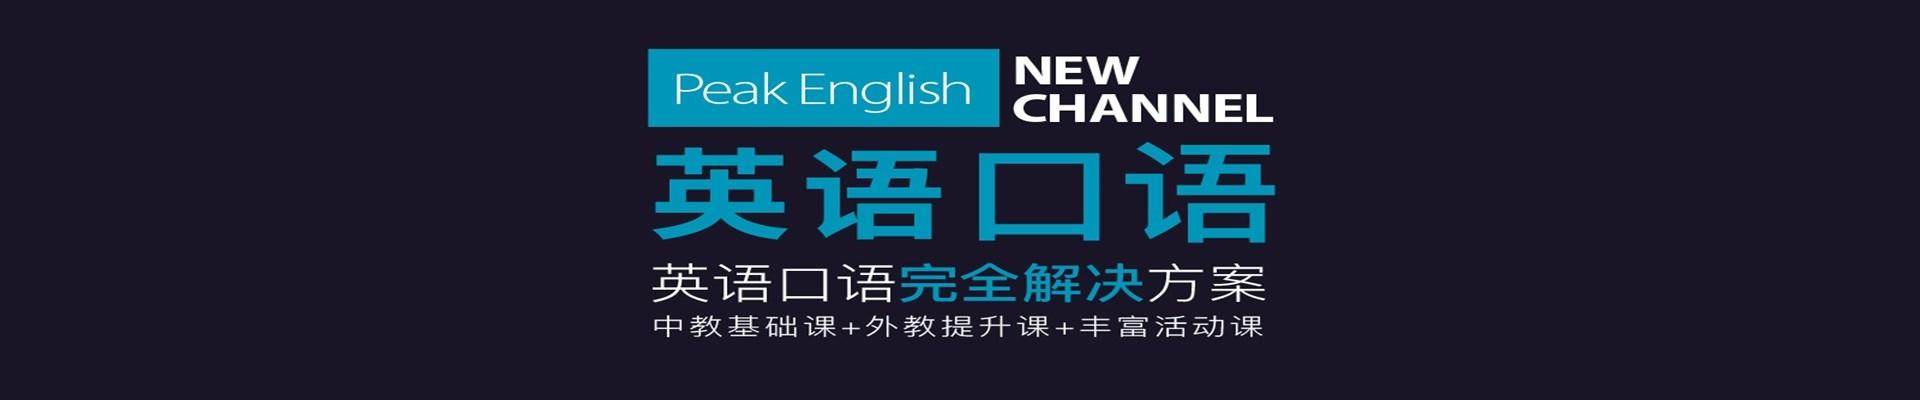 舟山新航道英语培训